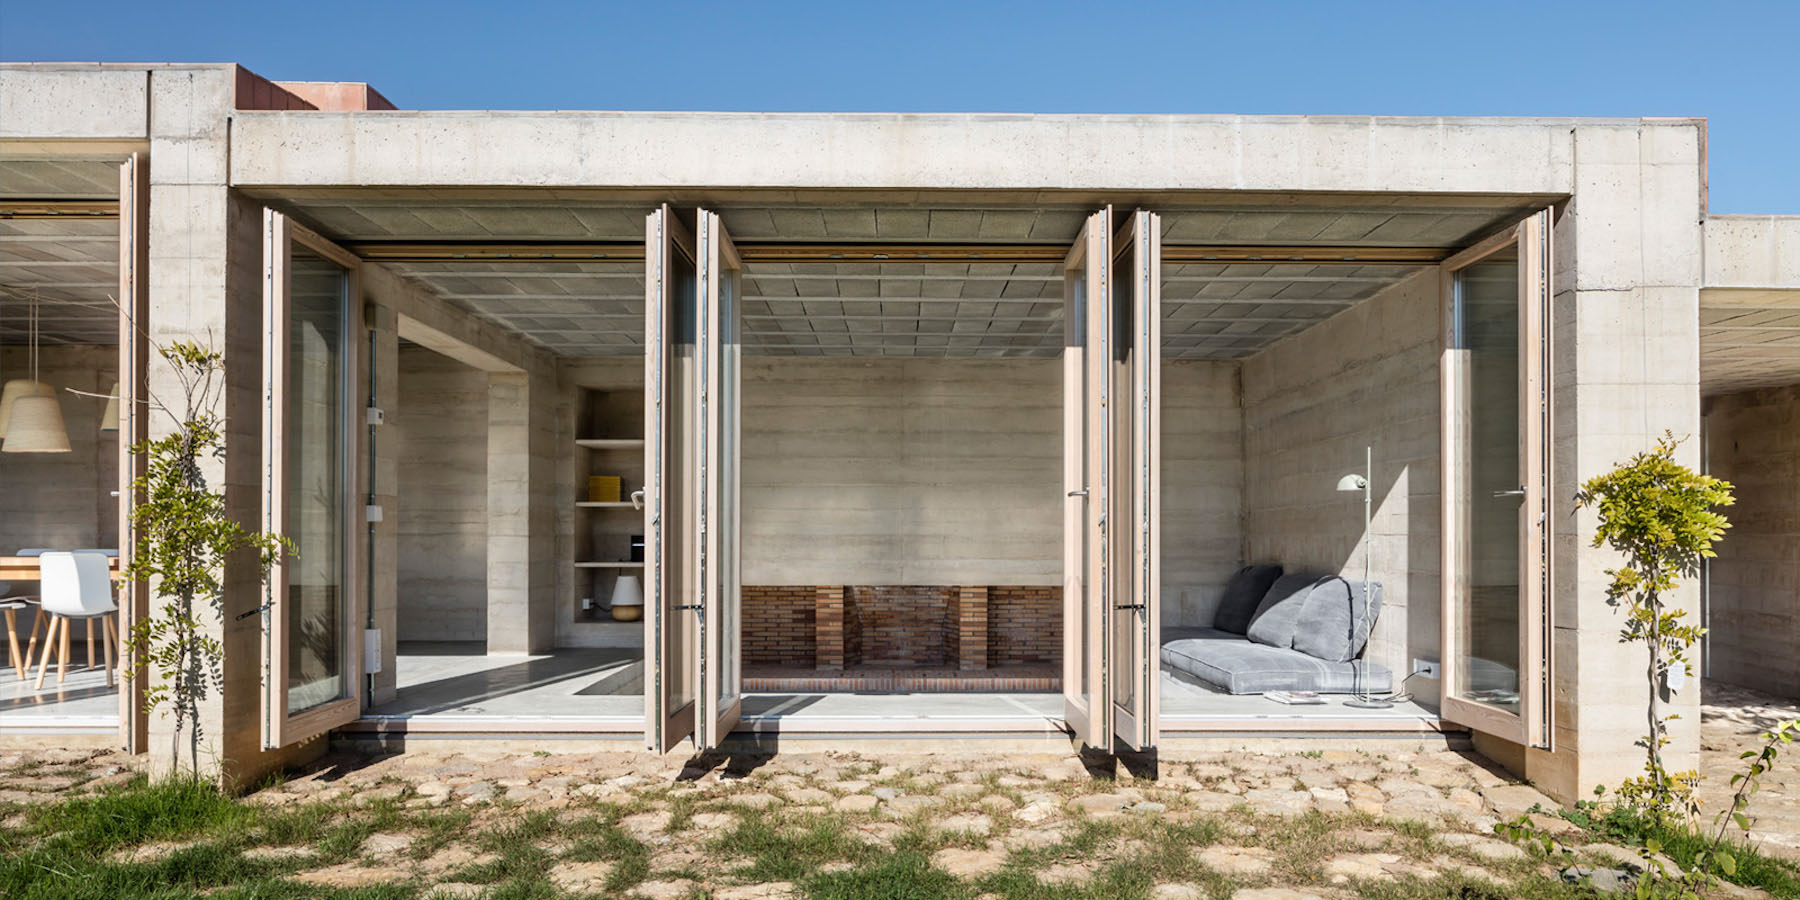 iGNANT-Architecture-Harquitectes-1413-House-05